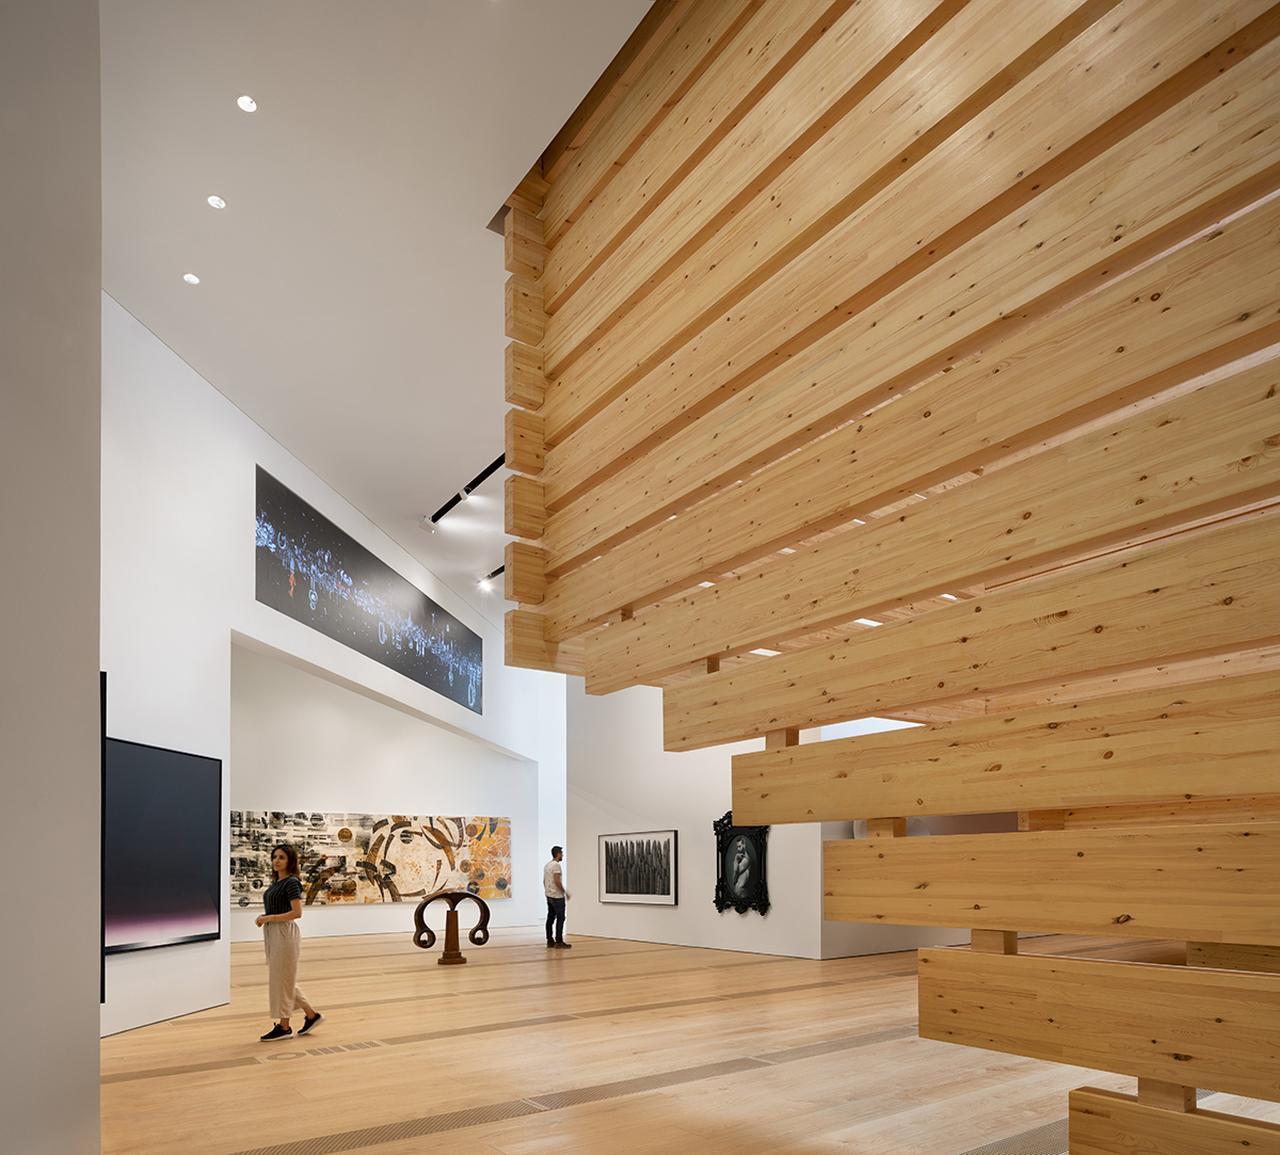 Images : 3番目の画像 - 「隈研吾の建築がトルコに出現。 オーナー、建築家、市民が、 未来を夢みる美術館」のアルバム - T JAPAN:The New York Times Style Magazine 公式サイト